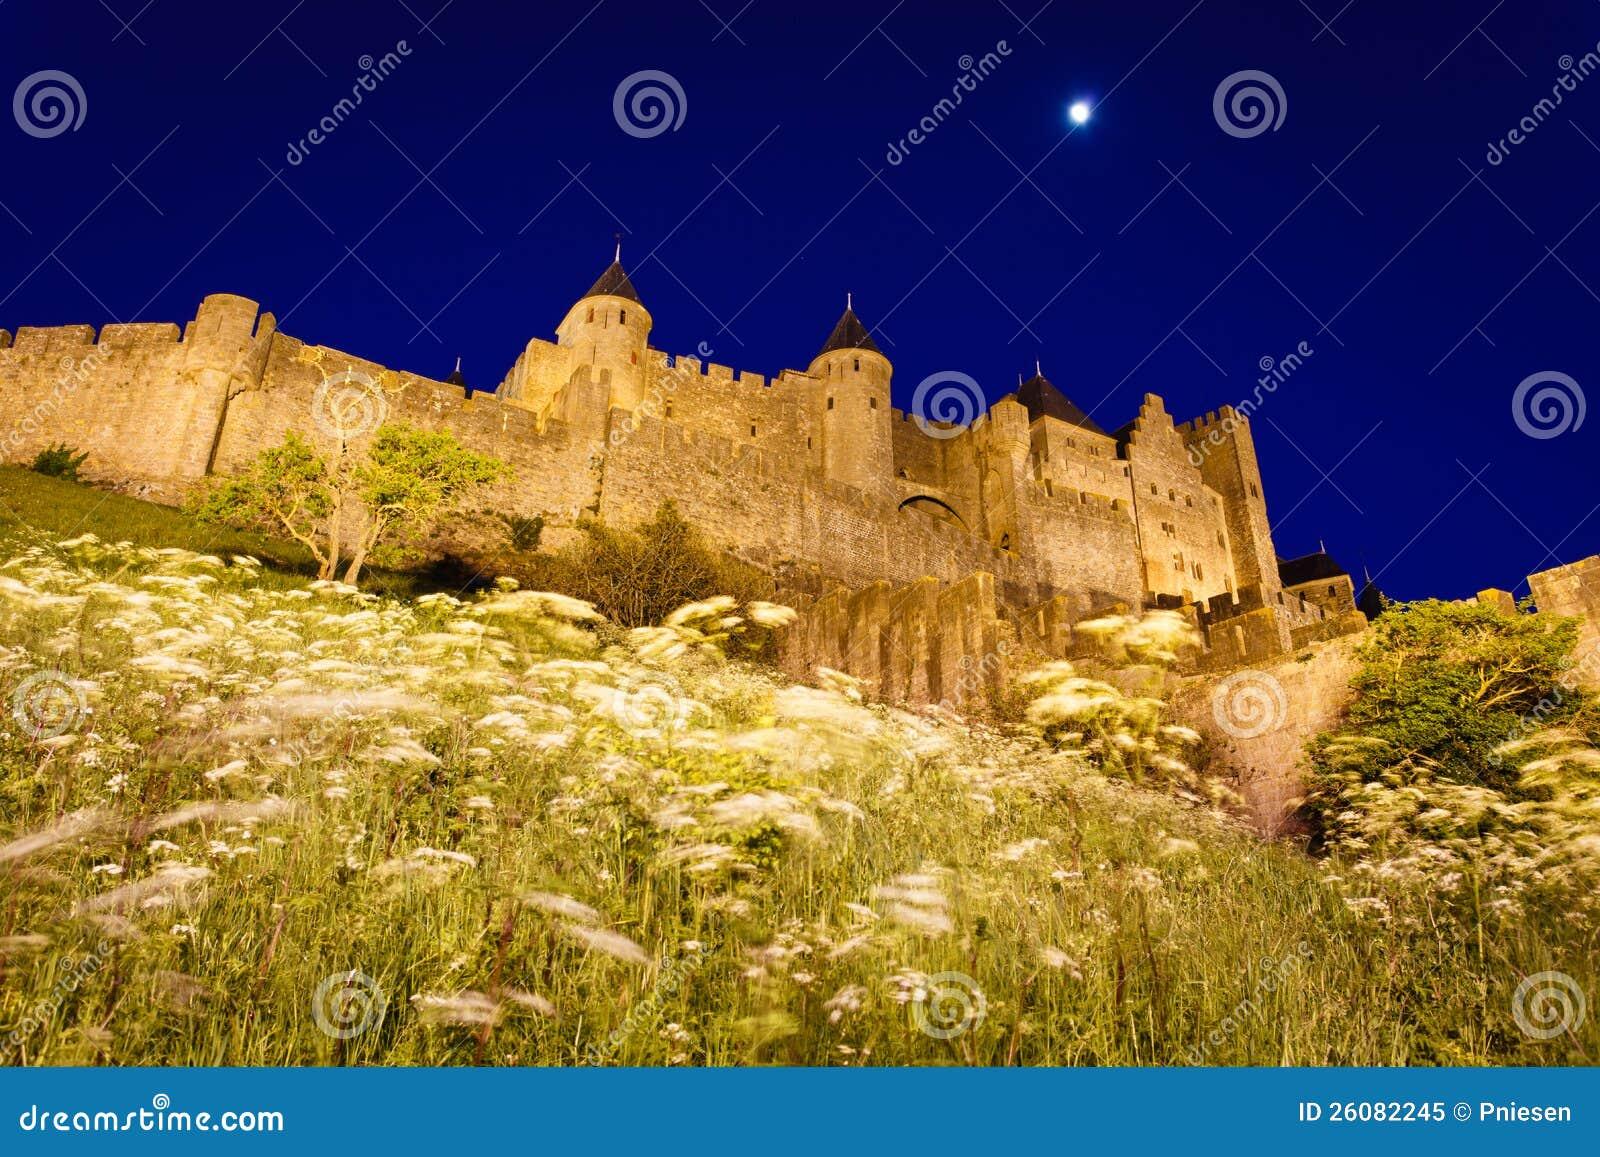 https://thumbs.dreamstime.com/z/de-verlichte-bloemen-van-murentorens-van-carcassonne-26082245.jpg